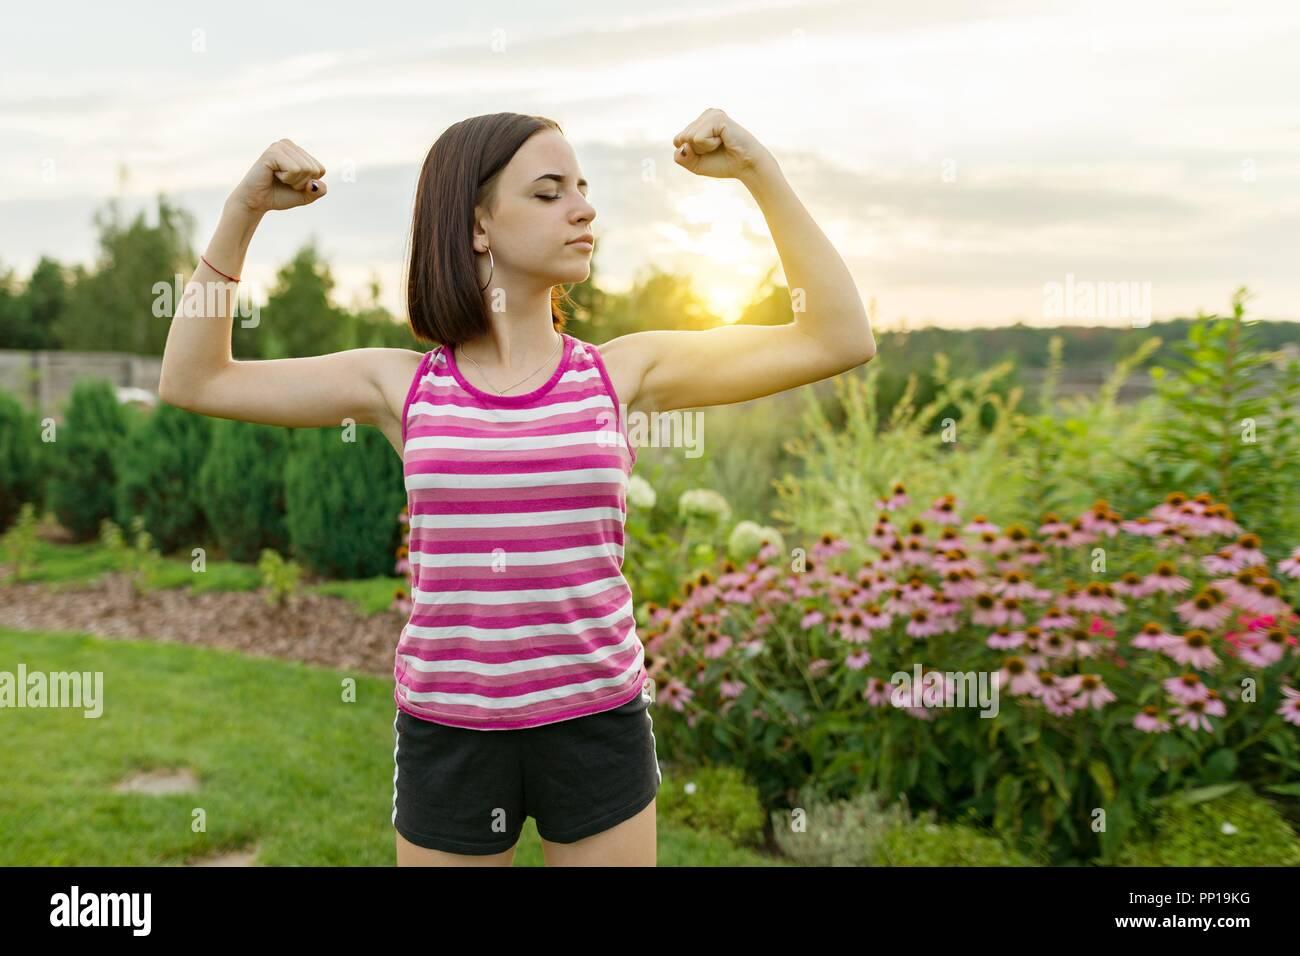 La gente, la potencia, la resistencia, la fuerza, la salud, el deporte, el concepto de fitness. Retrato exterior sonriente adolescente flexionando sus músculos, fondo verde césped sun Imagen De Stock